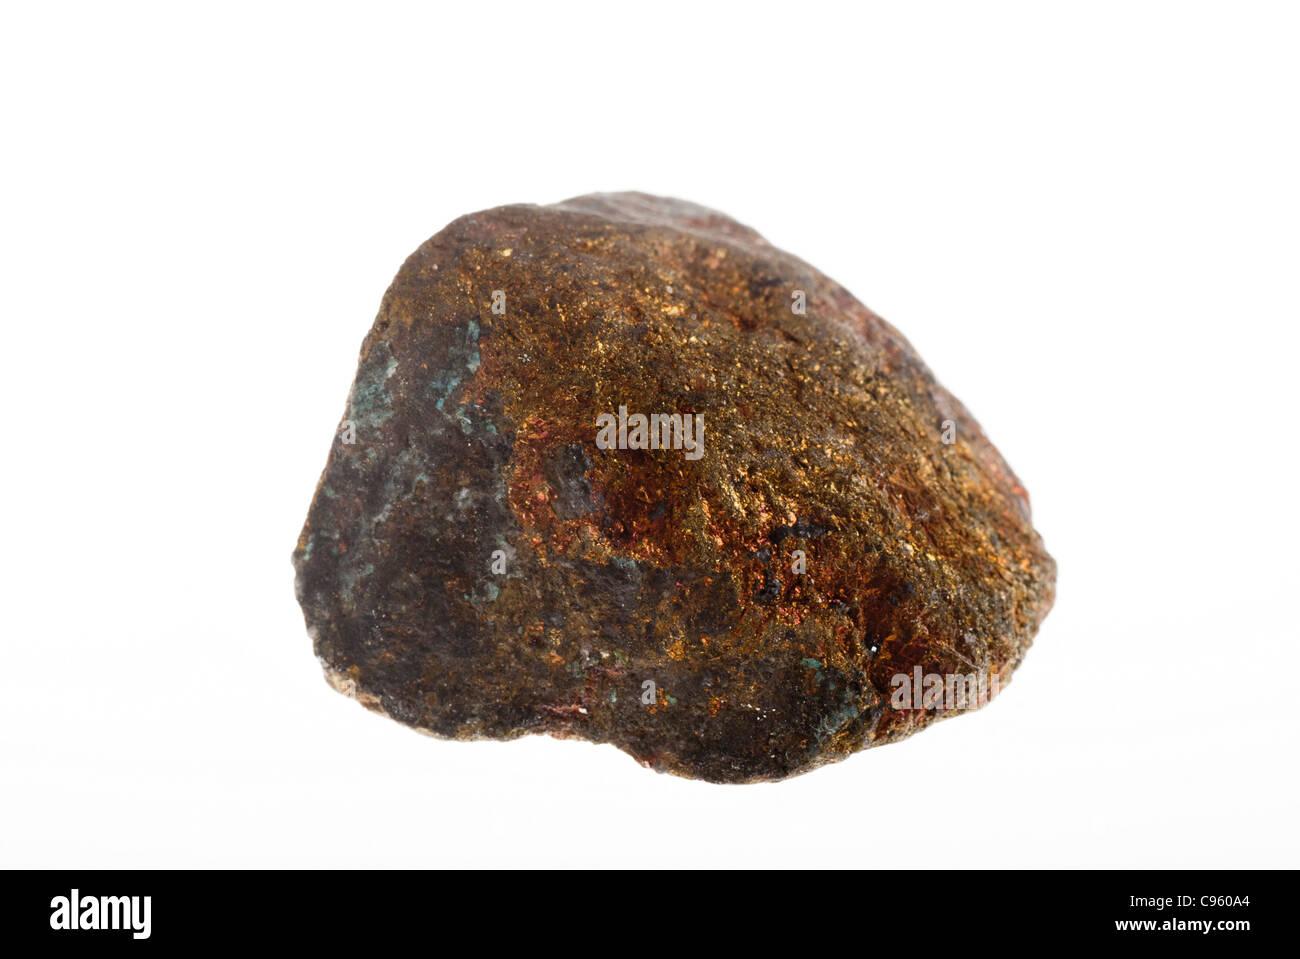 Semi Precious Stone Stock Photo